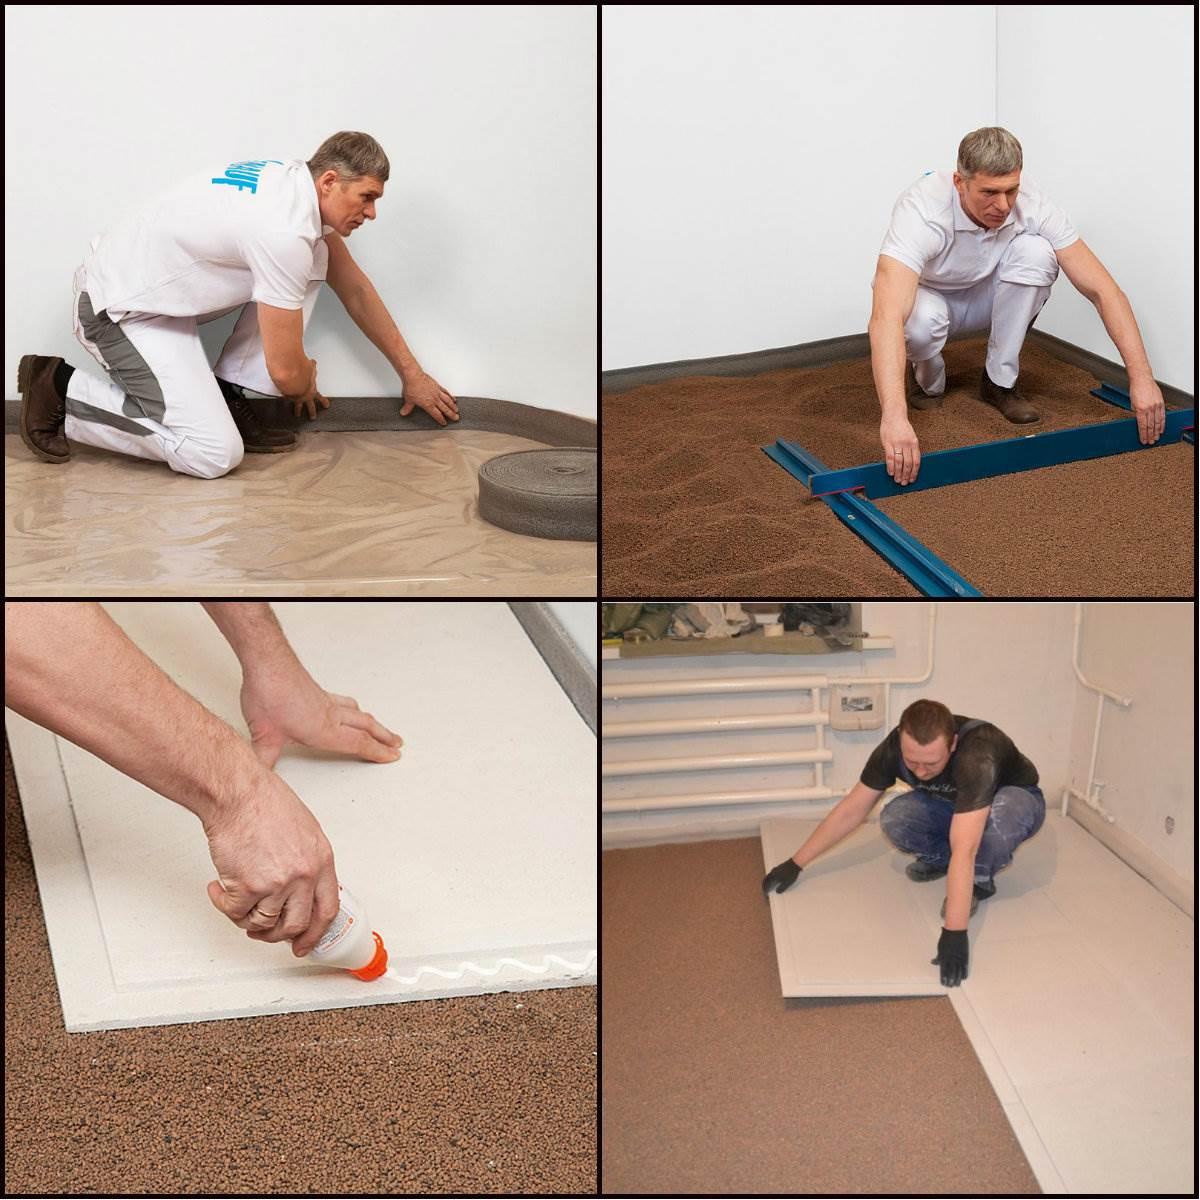 Как подготовить пол под ламинат - инструкция и советы!